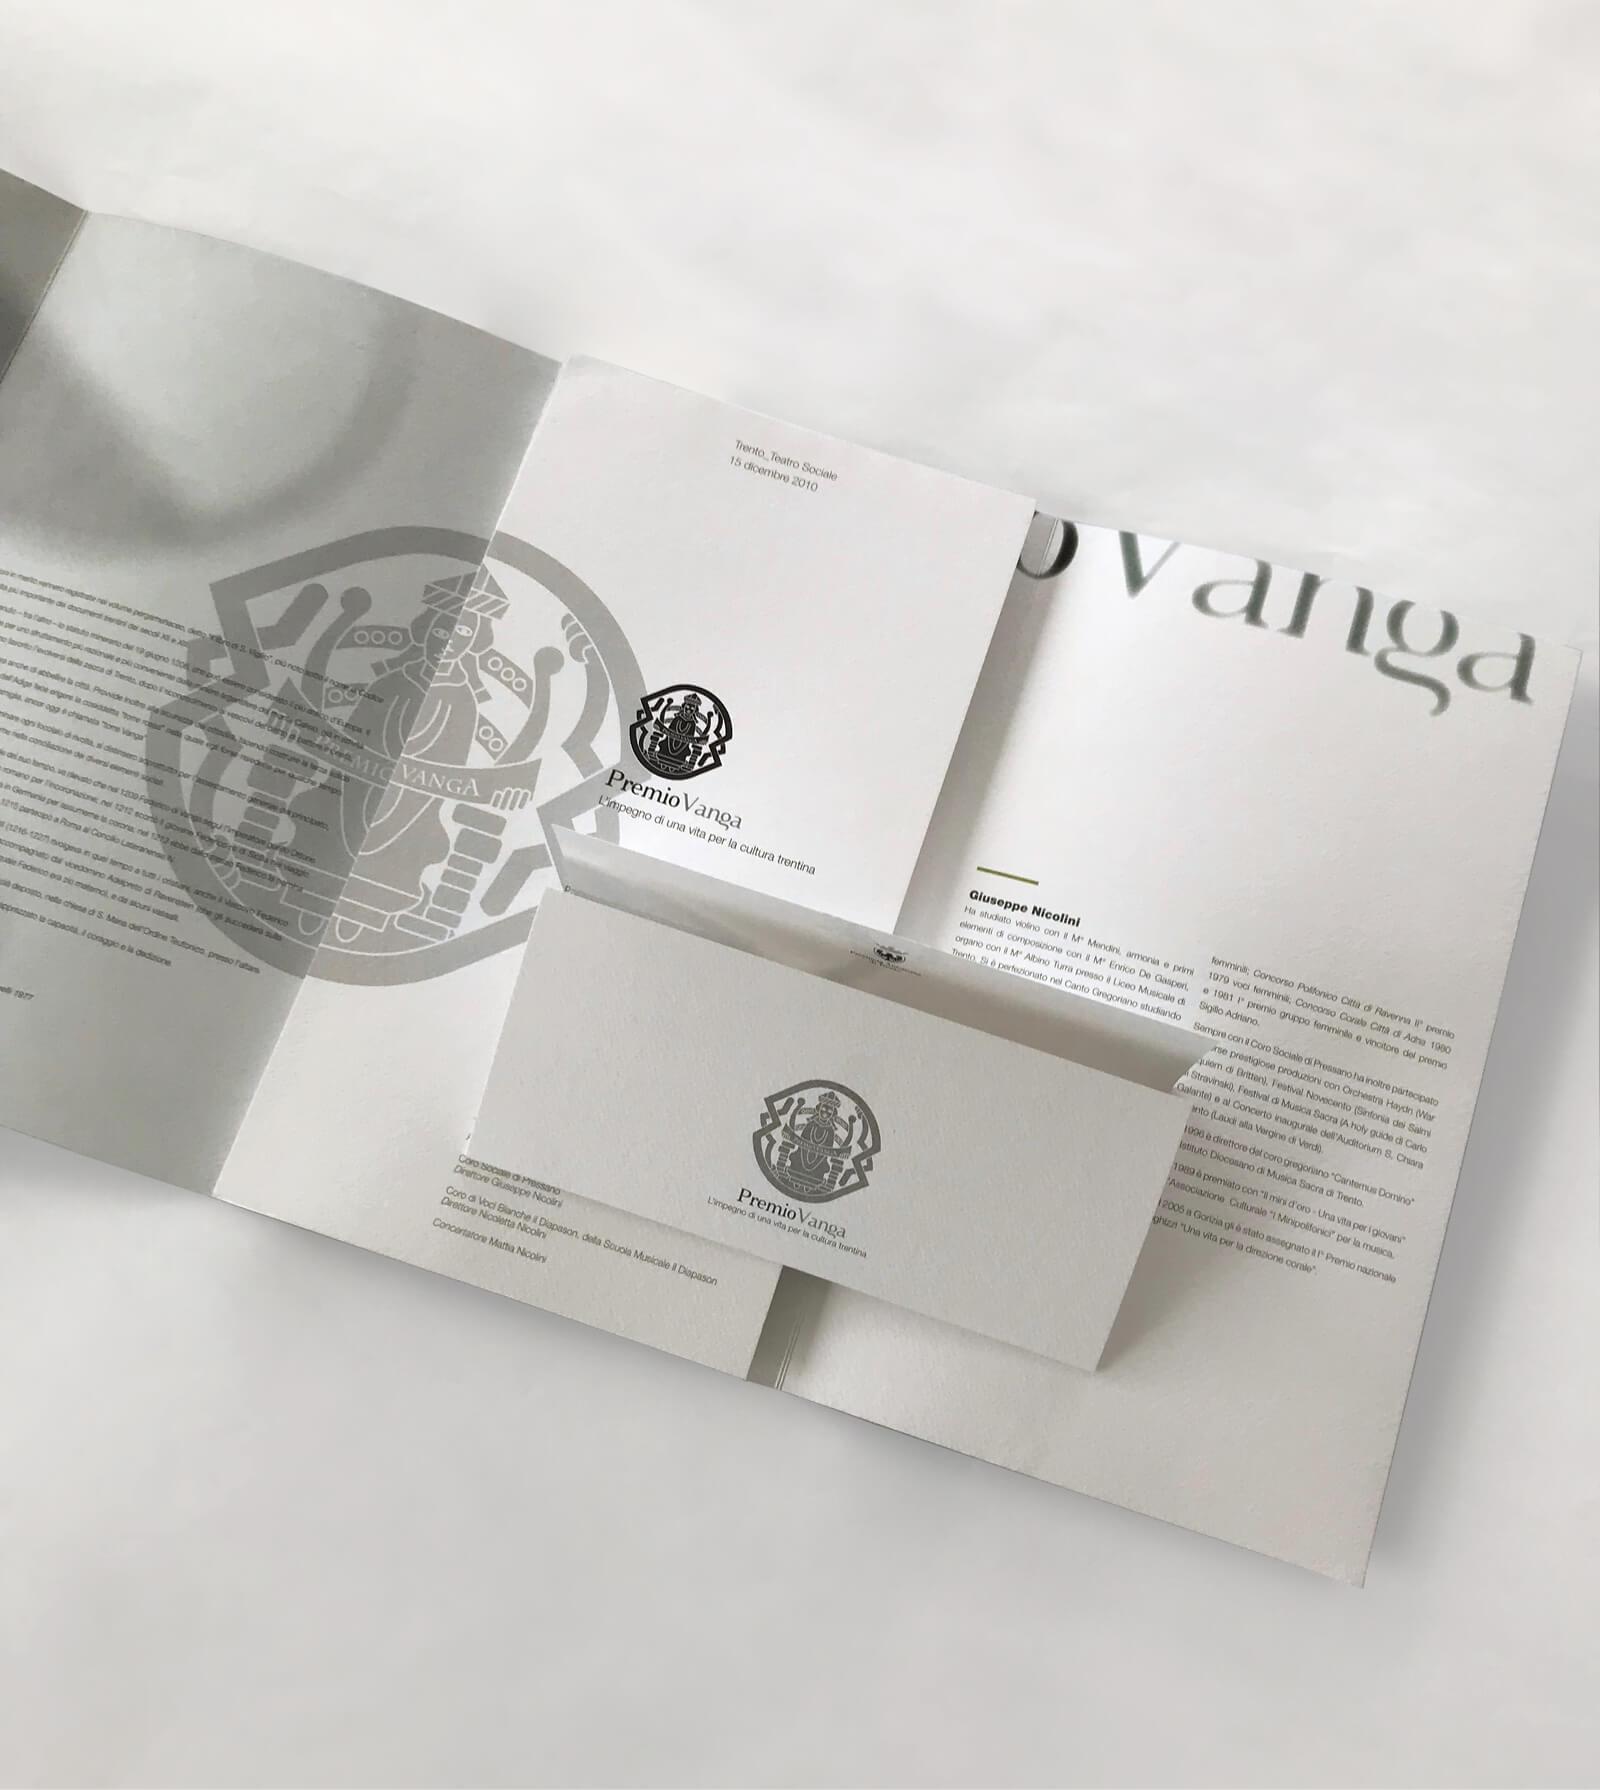 marchio in bianco e nero e dettaglio immagine coordinata creata per l'evento -premio vanga provincia di trento- con il coordinamento immagine agenzia di comunicazione diadestudio arco di trento